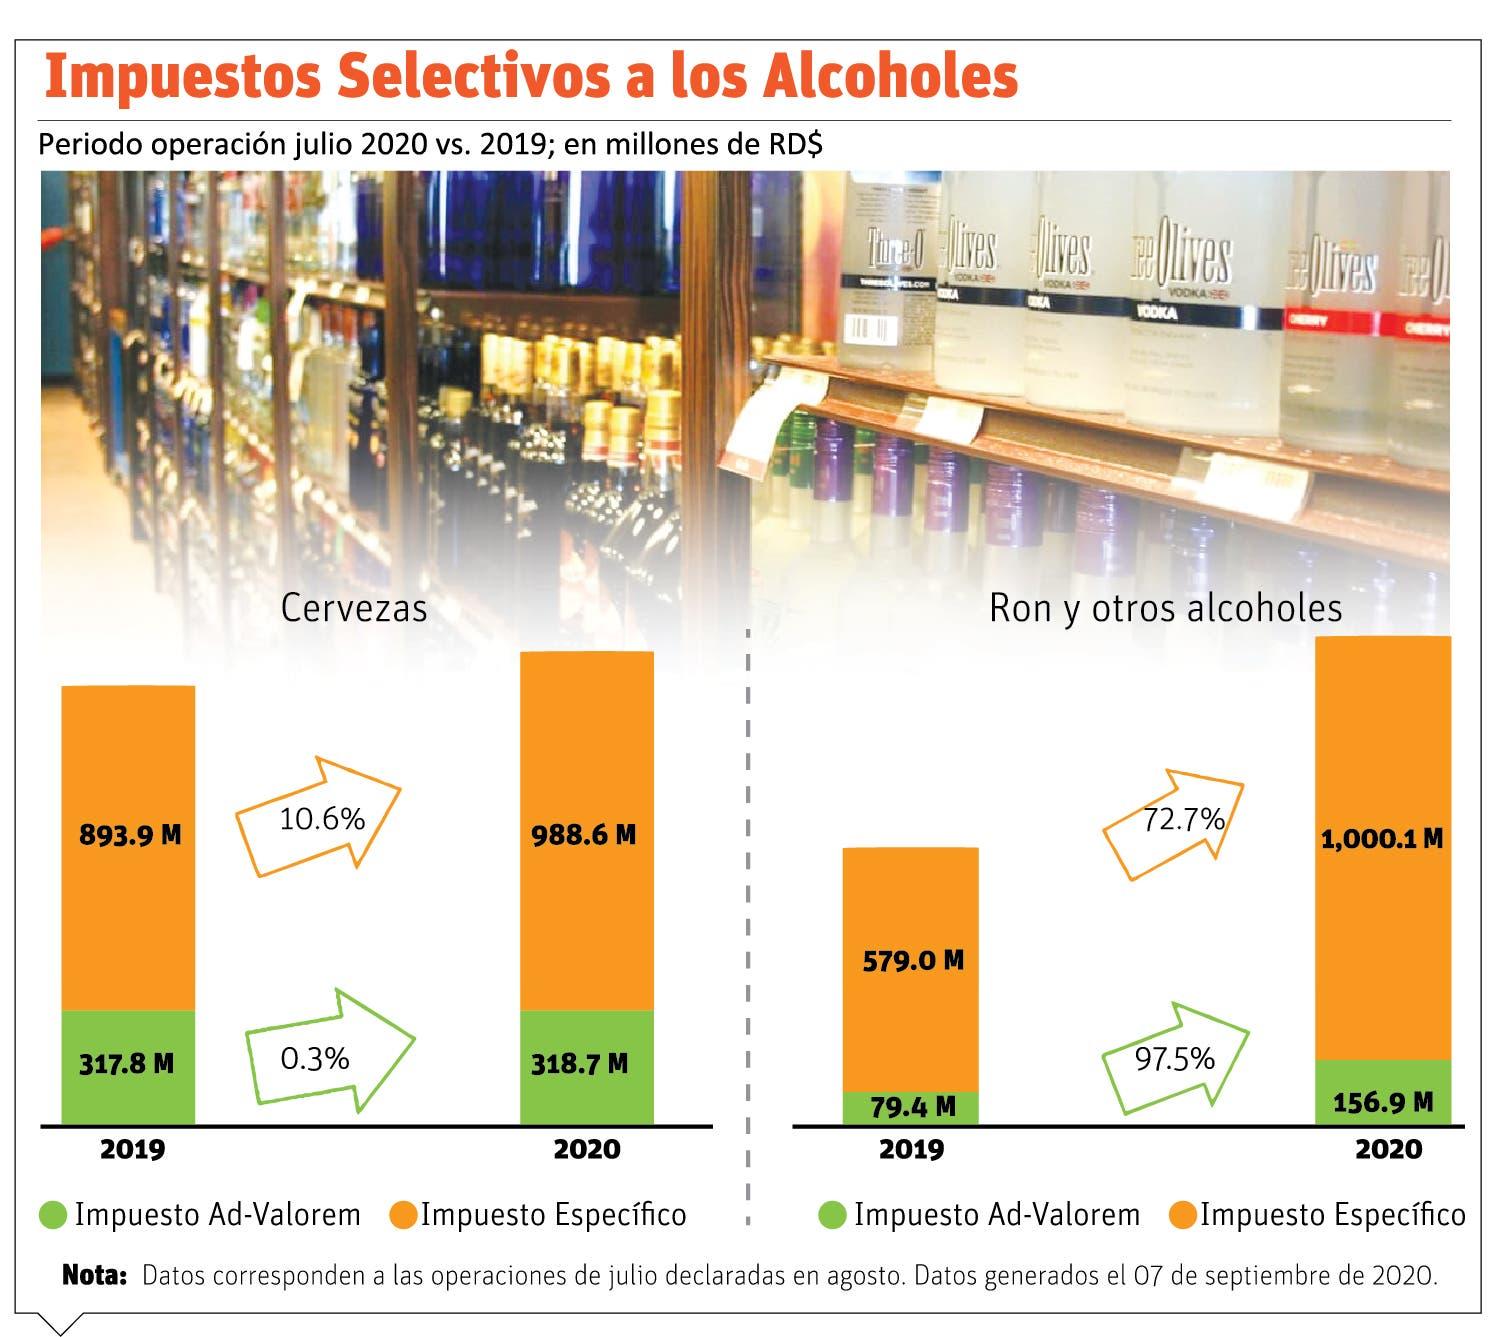 Pese a caída en recaudo, el ron, cerveza y tabaco registran crecimiento